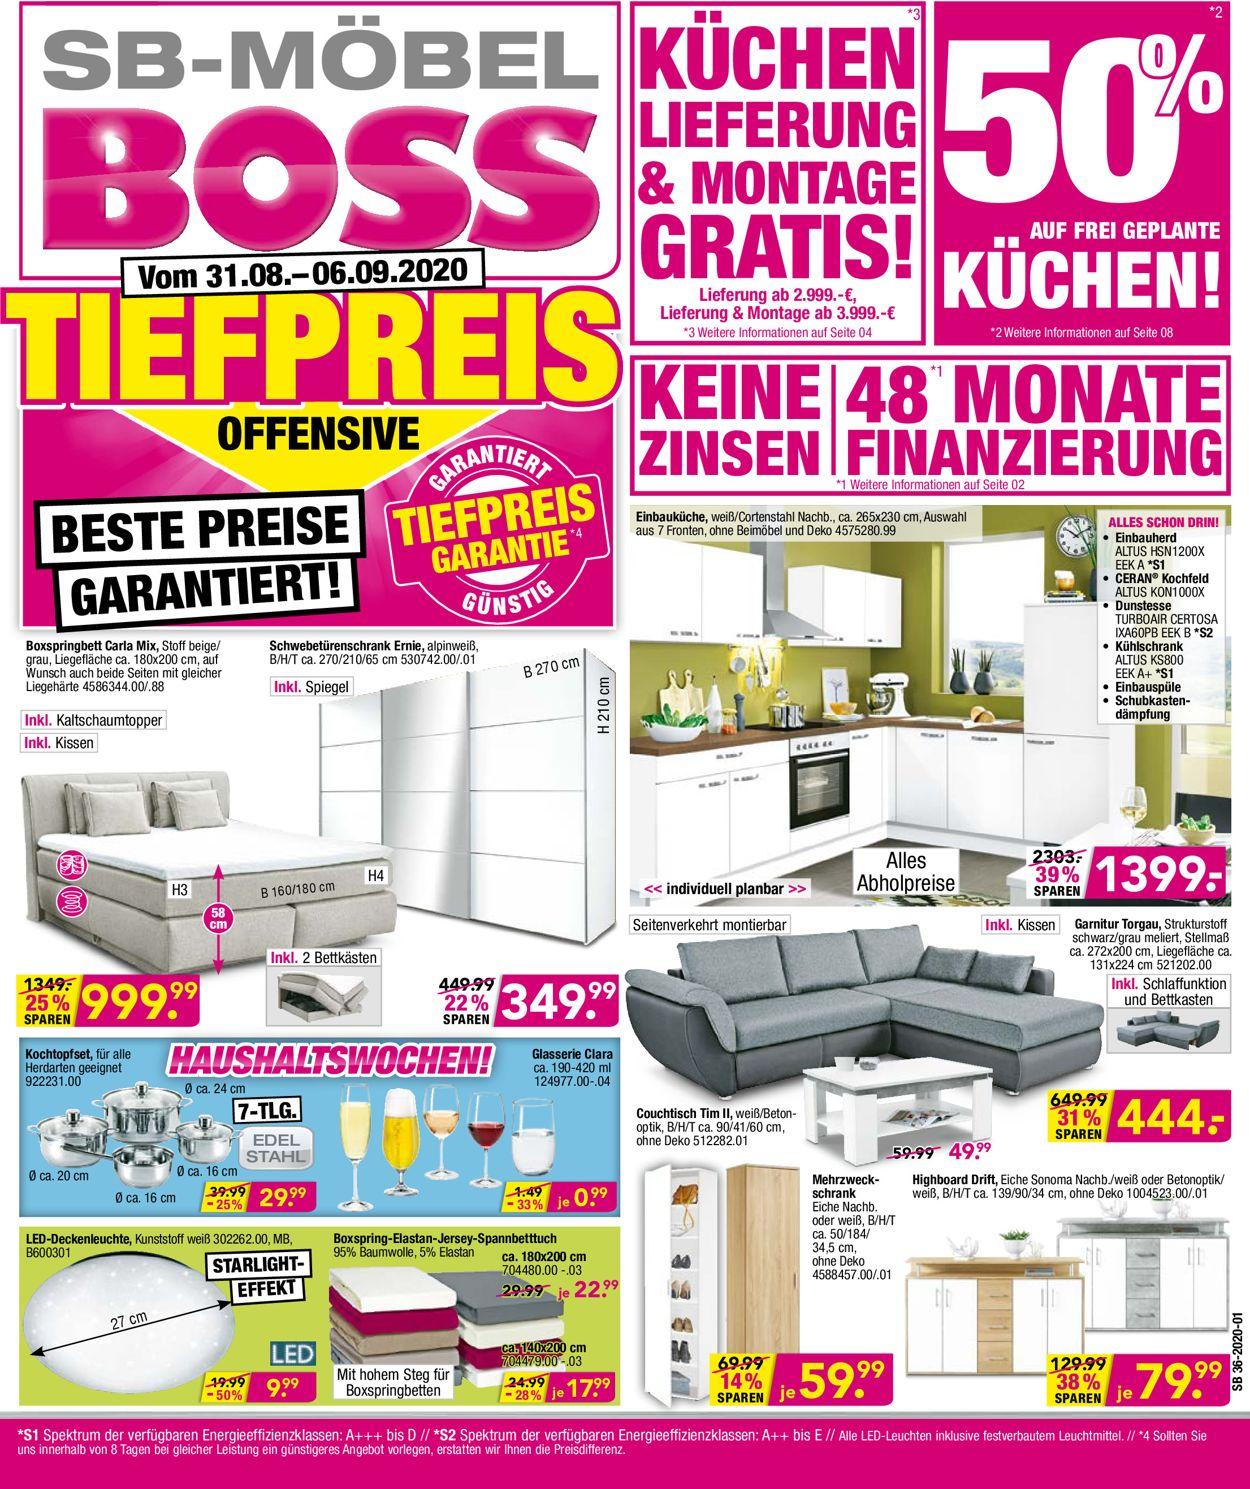 SB Möbel Boss Prospekt - Aktuell vom 31.08-06.09.2020